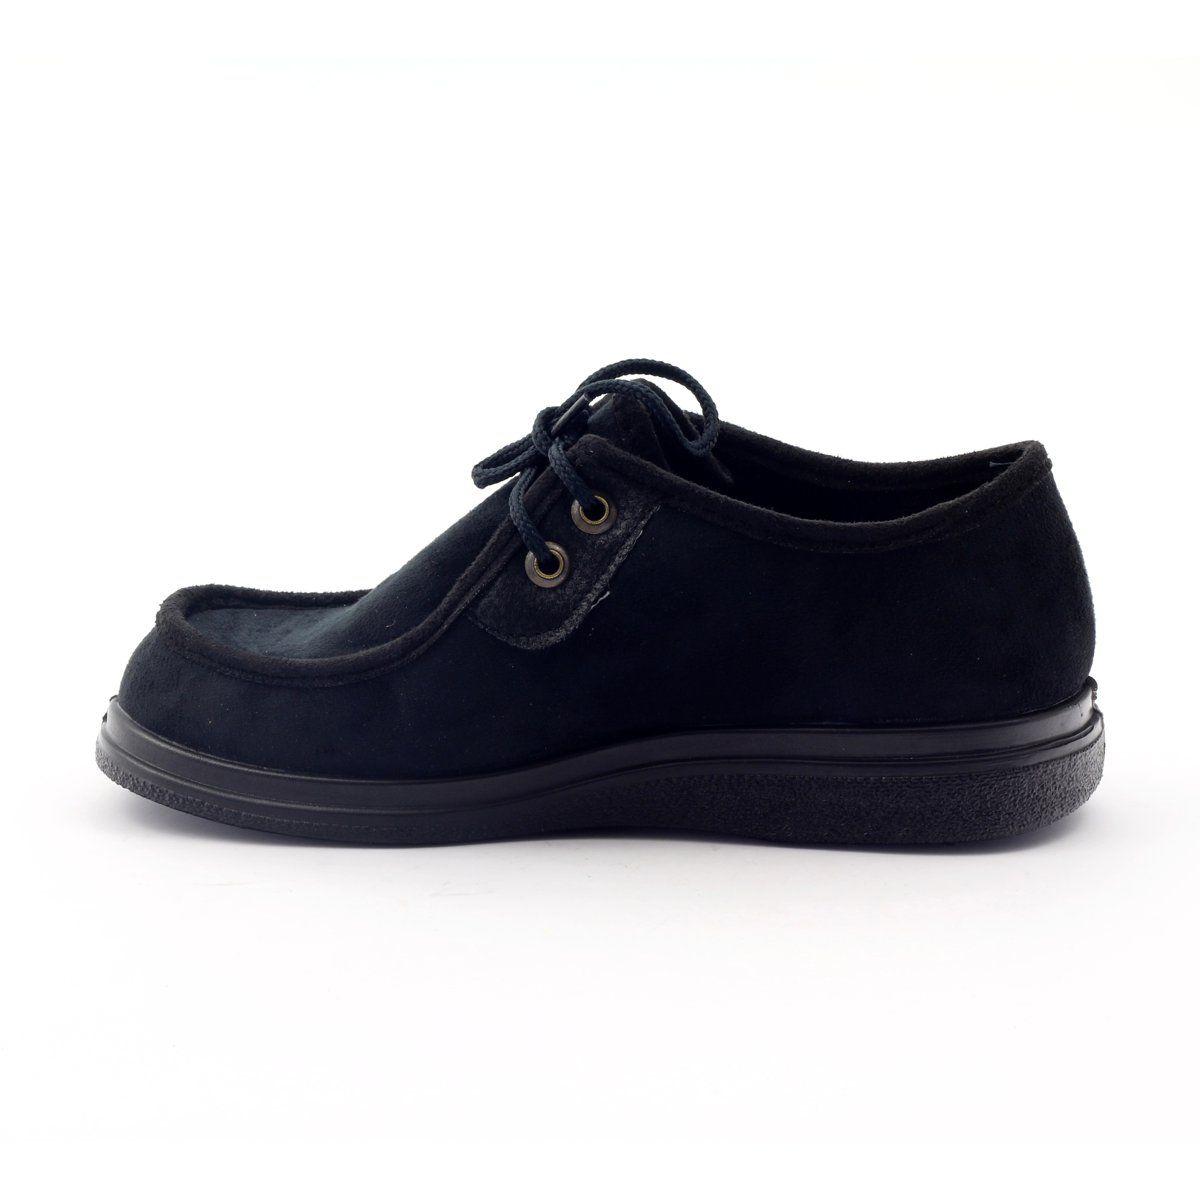 Polbuty Damskie Dla Cukrzykow Befado 871d004 Czarne Shoes Comfortable Shoes Loafers For Women